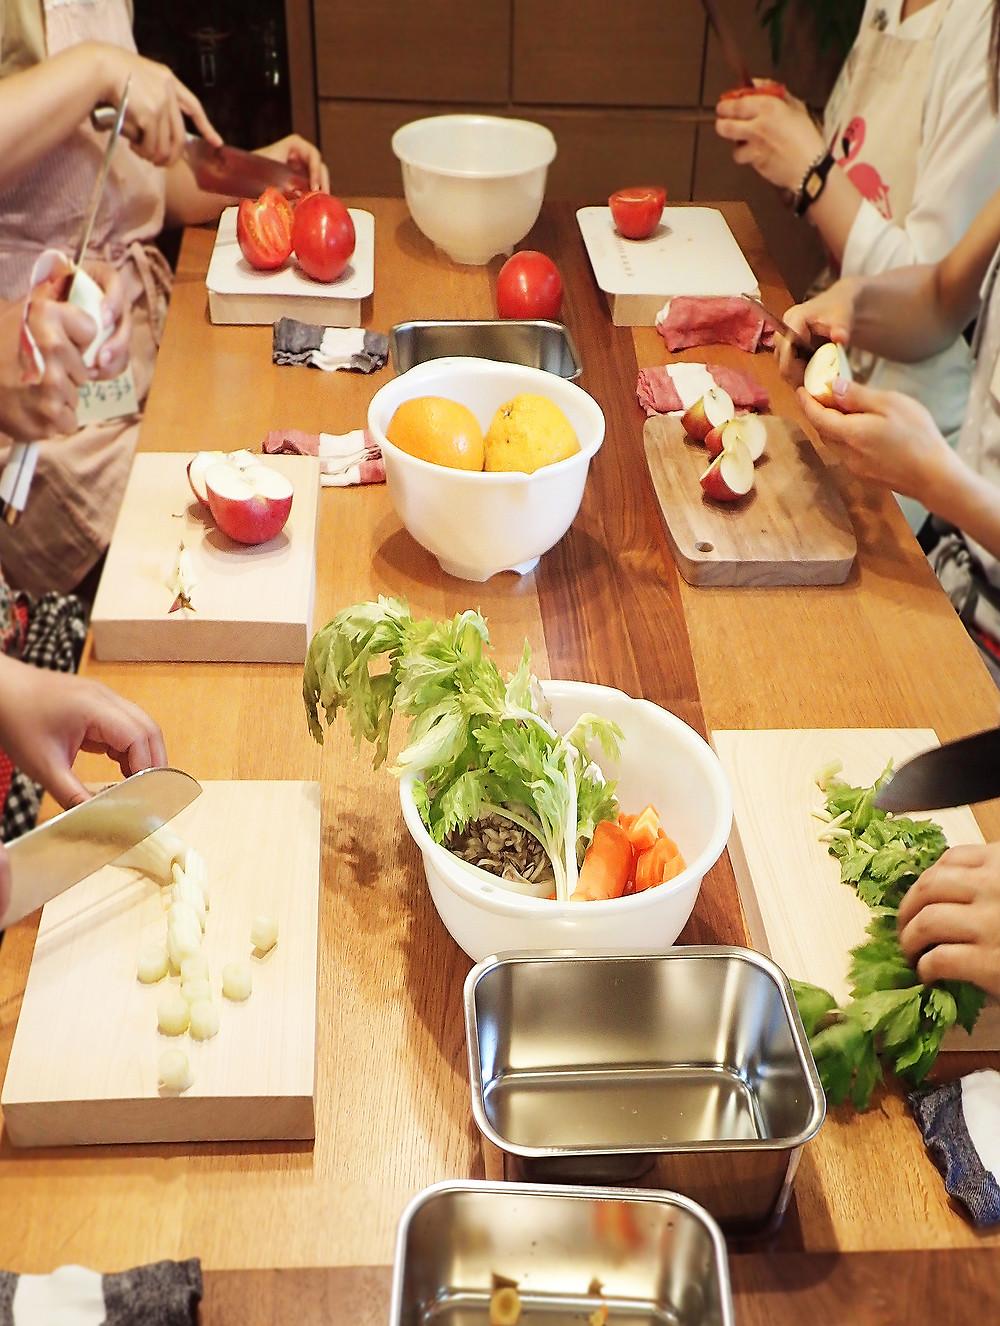 #モリ乃ネ #morinone #くらしデザイン #料理教室 #ワークショップ #保存食 #自家製 #食べる #五感 #くらし #びんdeKitchen #ガラスびん #びん詰め #中濃ソース #副産物 #カレーペースト #スパイス